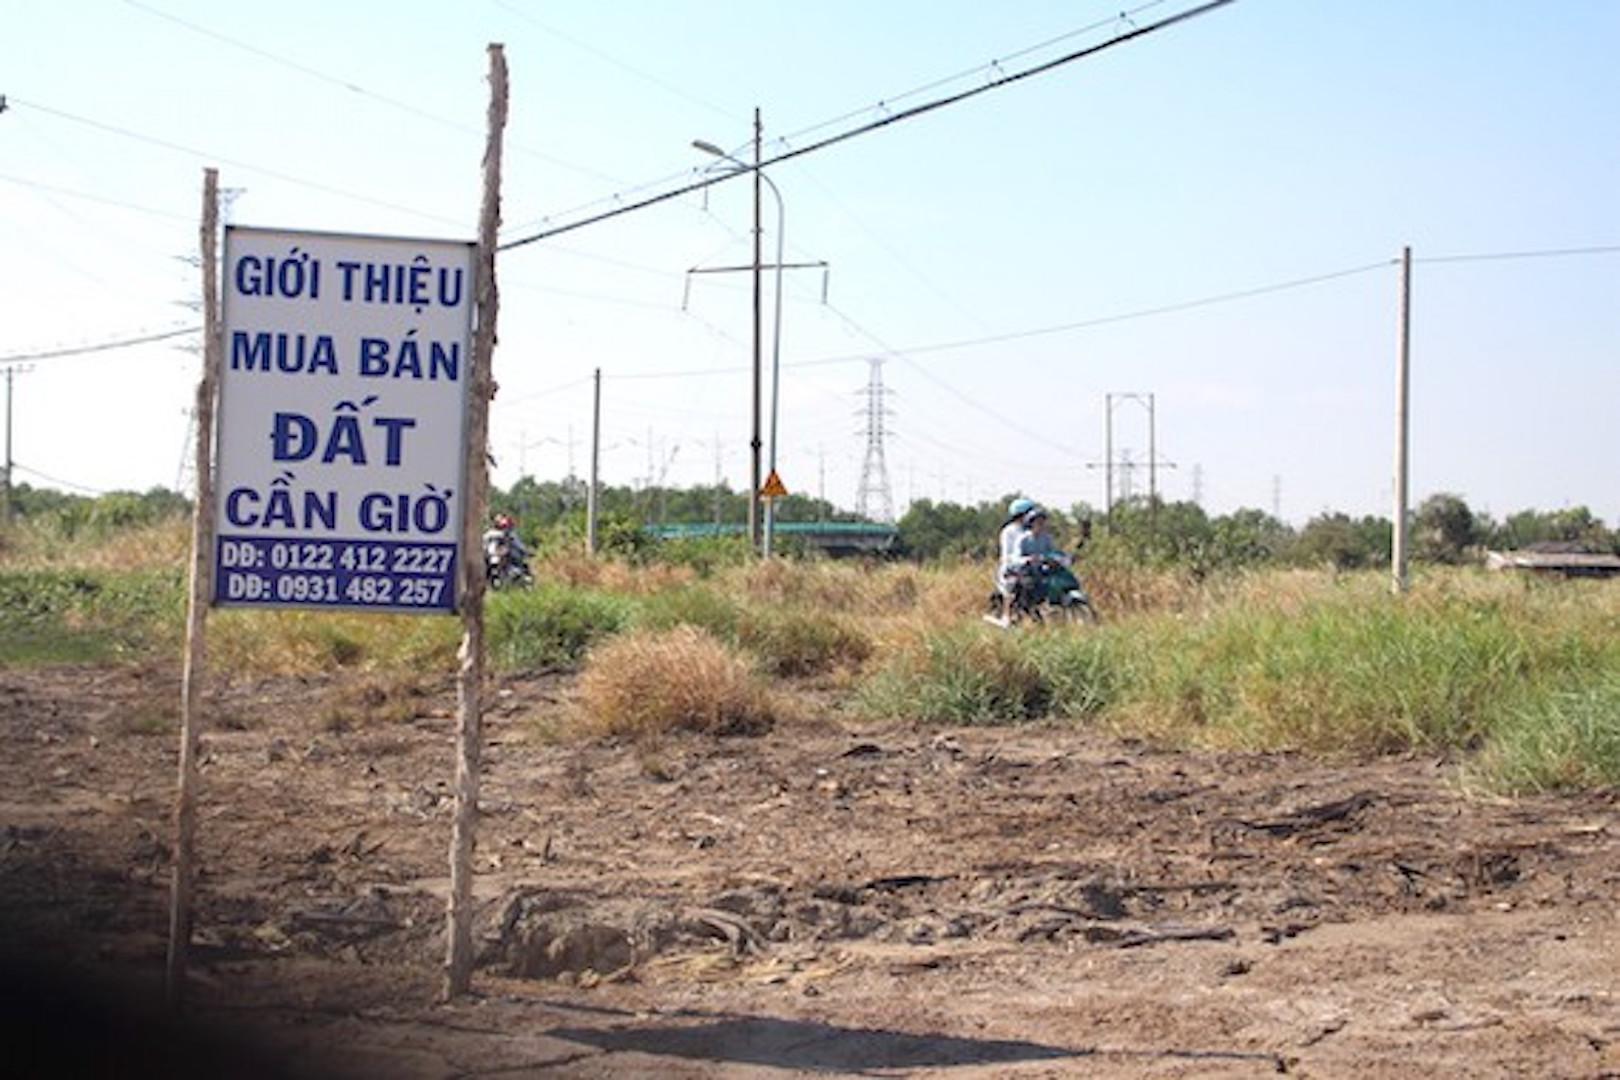 TPHCM: Giá đất tăng chóng mặt, bỏ xa hệ số K - Ảnh 2.